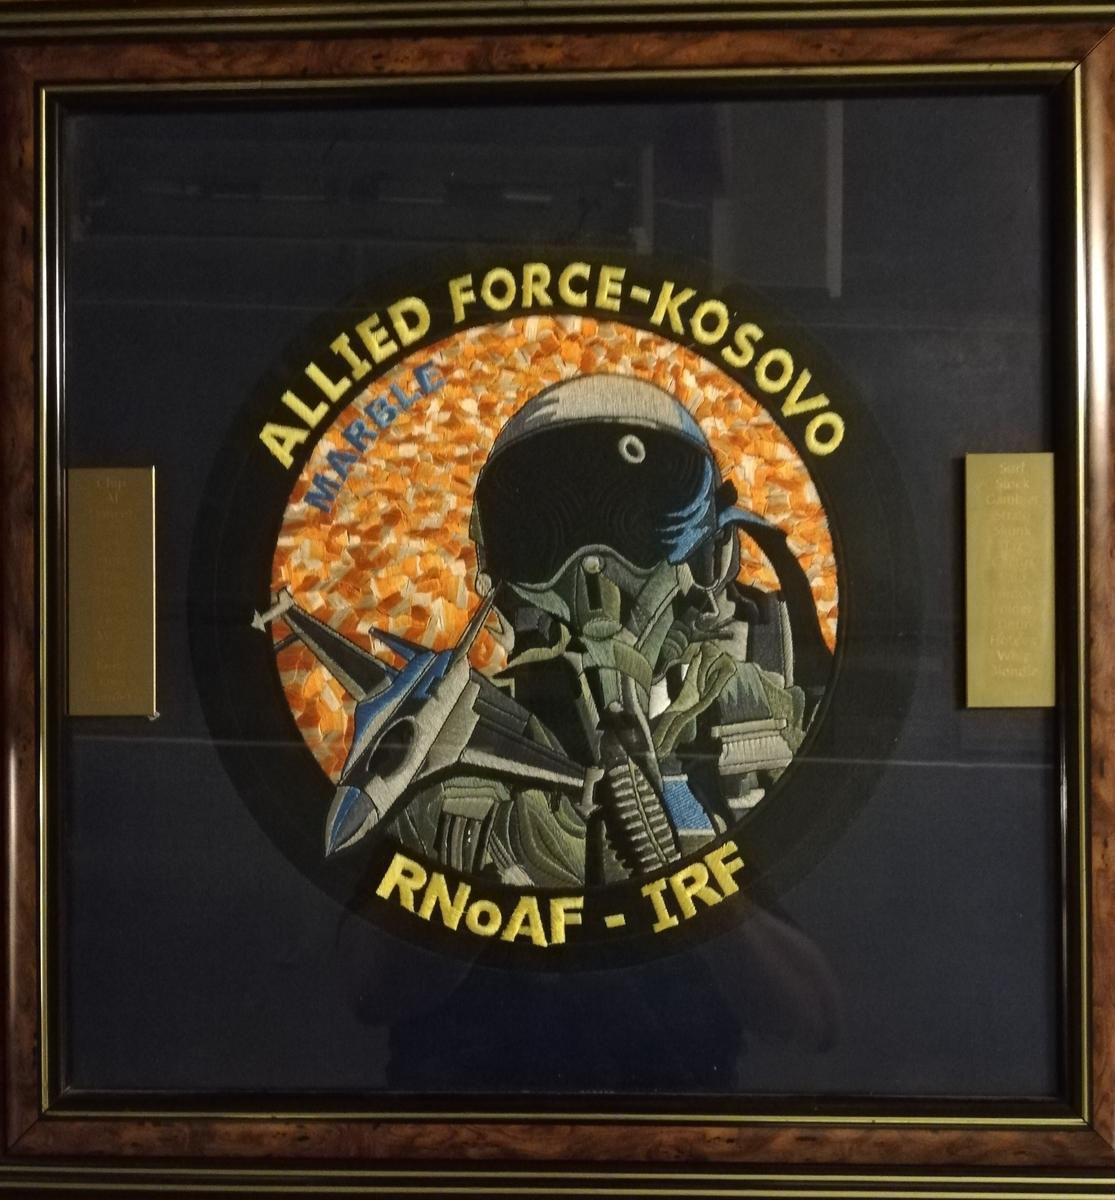 Bildet viser stor patch for Allied Force Kosovo. Messingplater med inngravert callsign for deltakende personell.